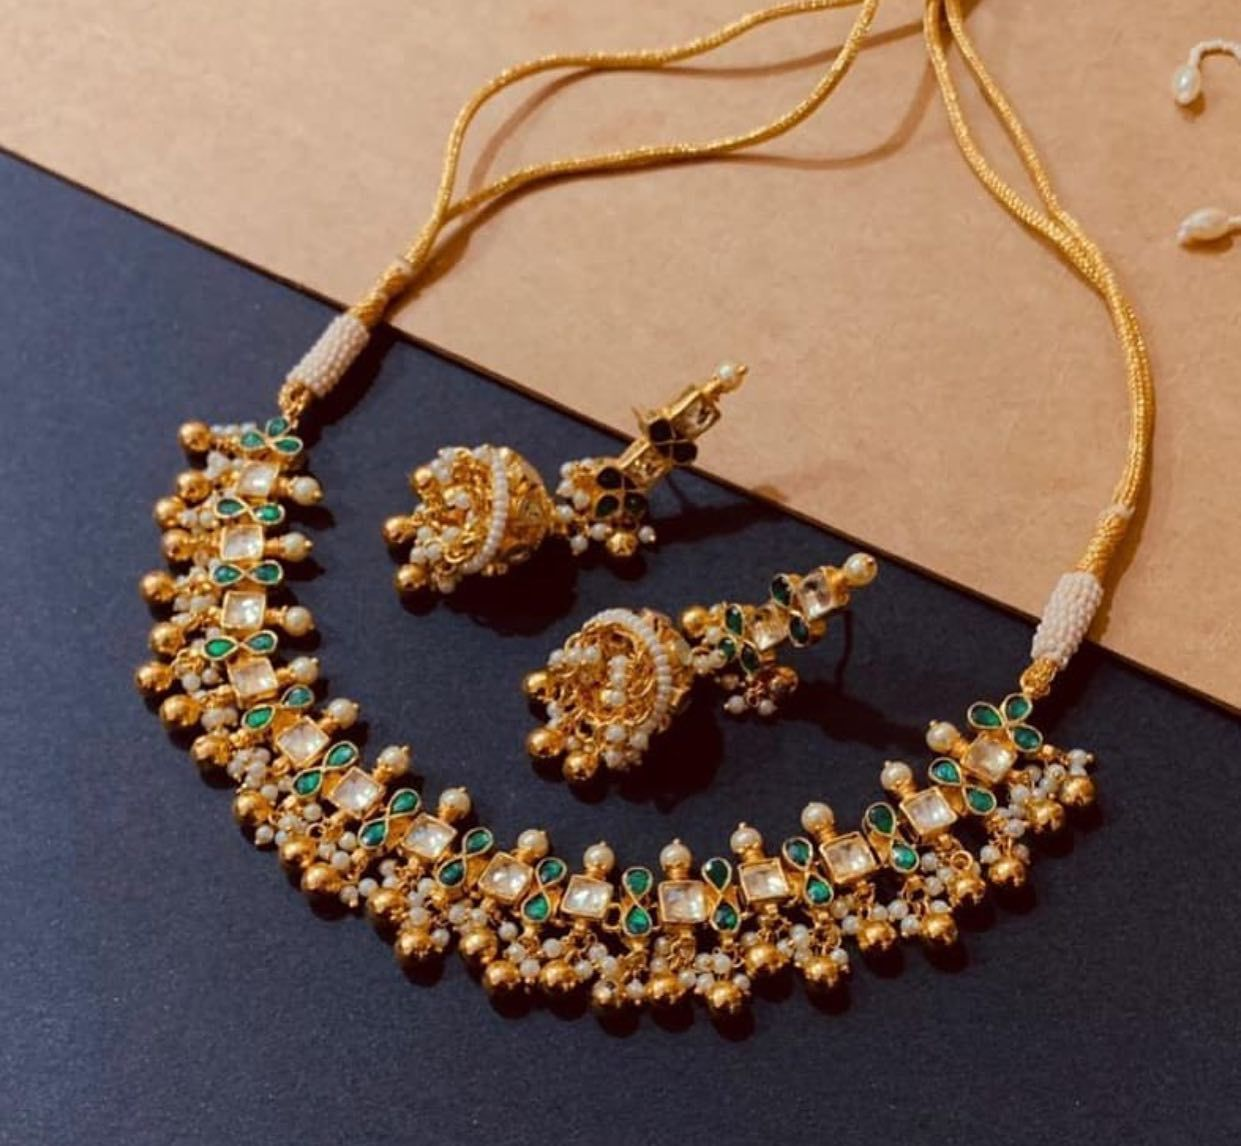 Pin on VeroniQ Trends Jewellery, Fashion & Furniture